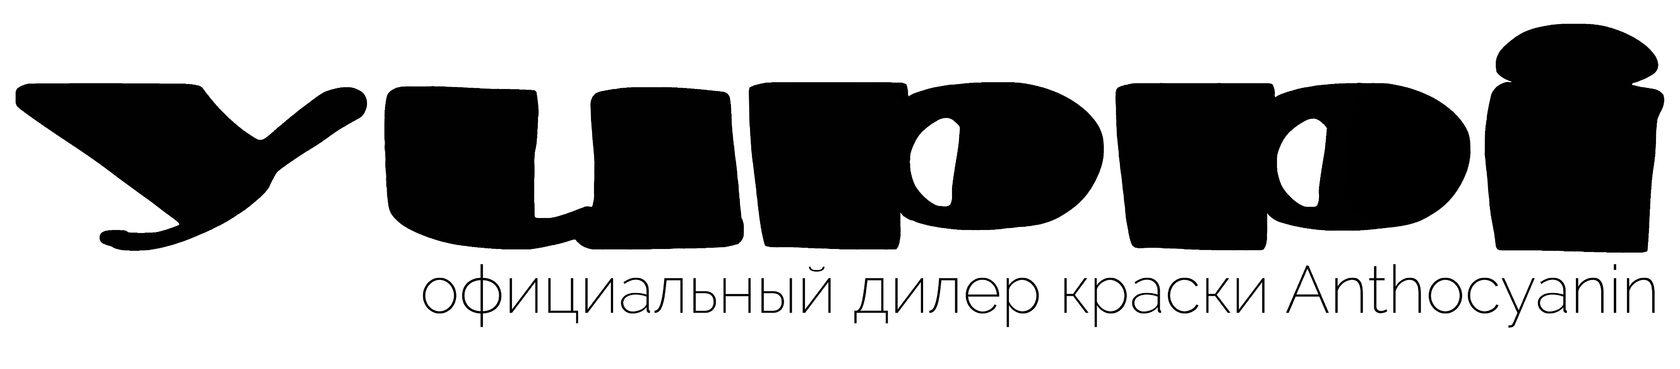 logotip-yuppi